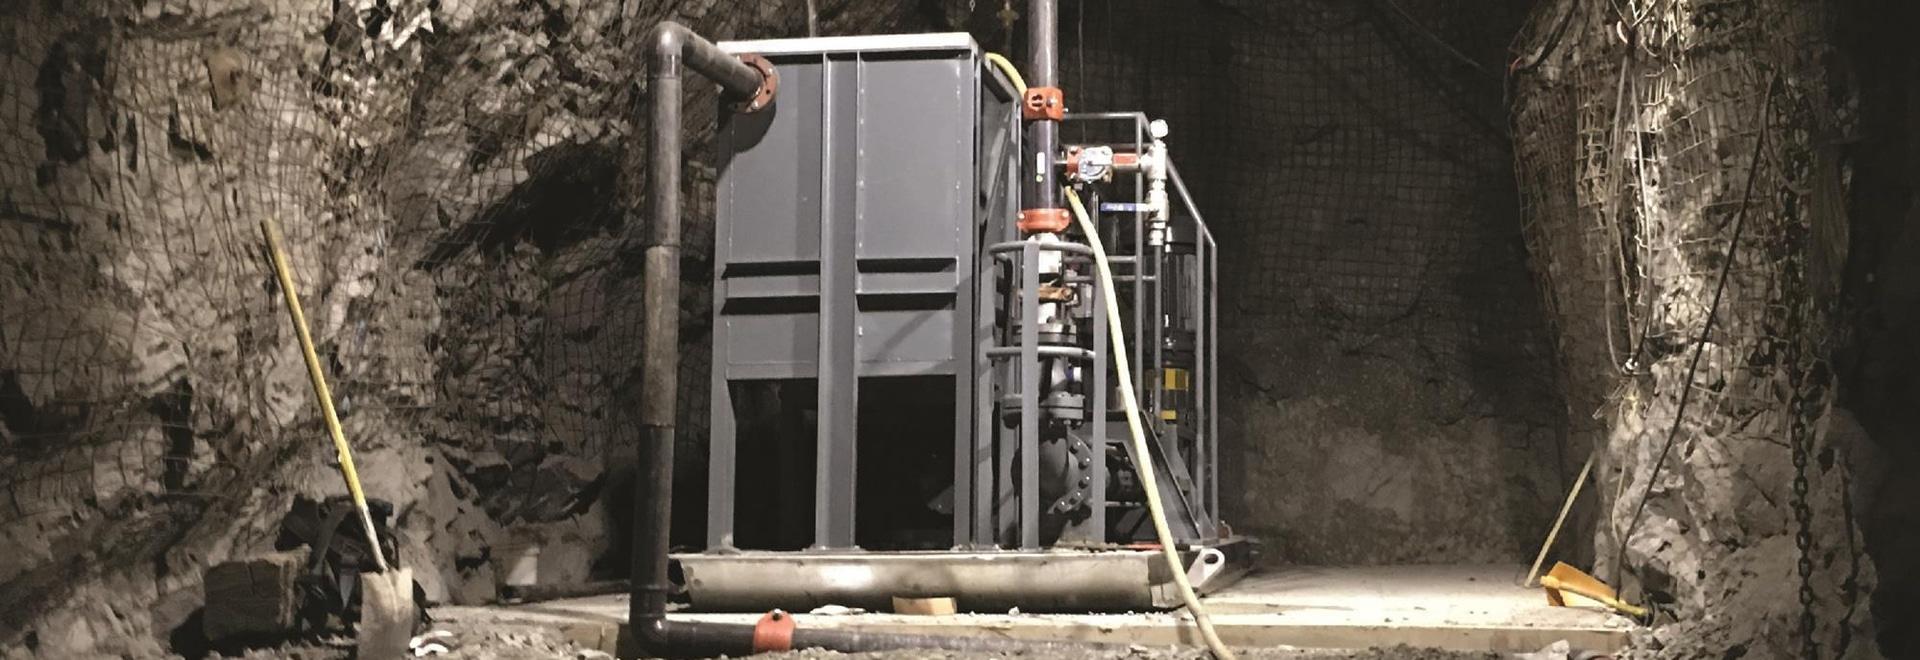 NETZSCH per evidenziare le pompe d'asciugamento della miniera e gli scivoli della pompa alla PMI 2019